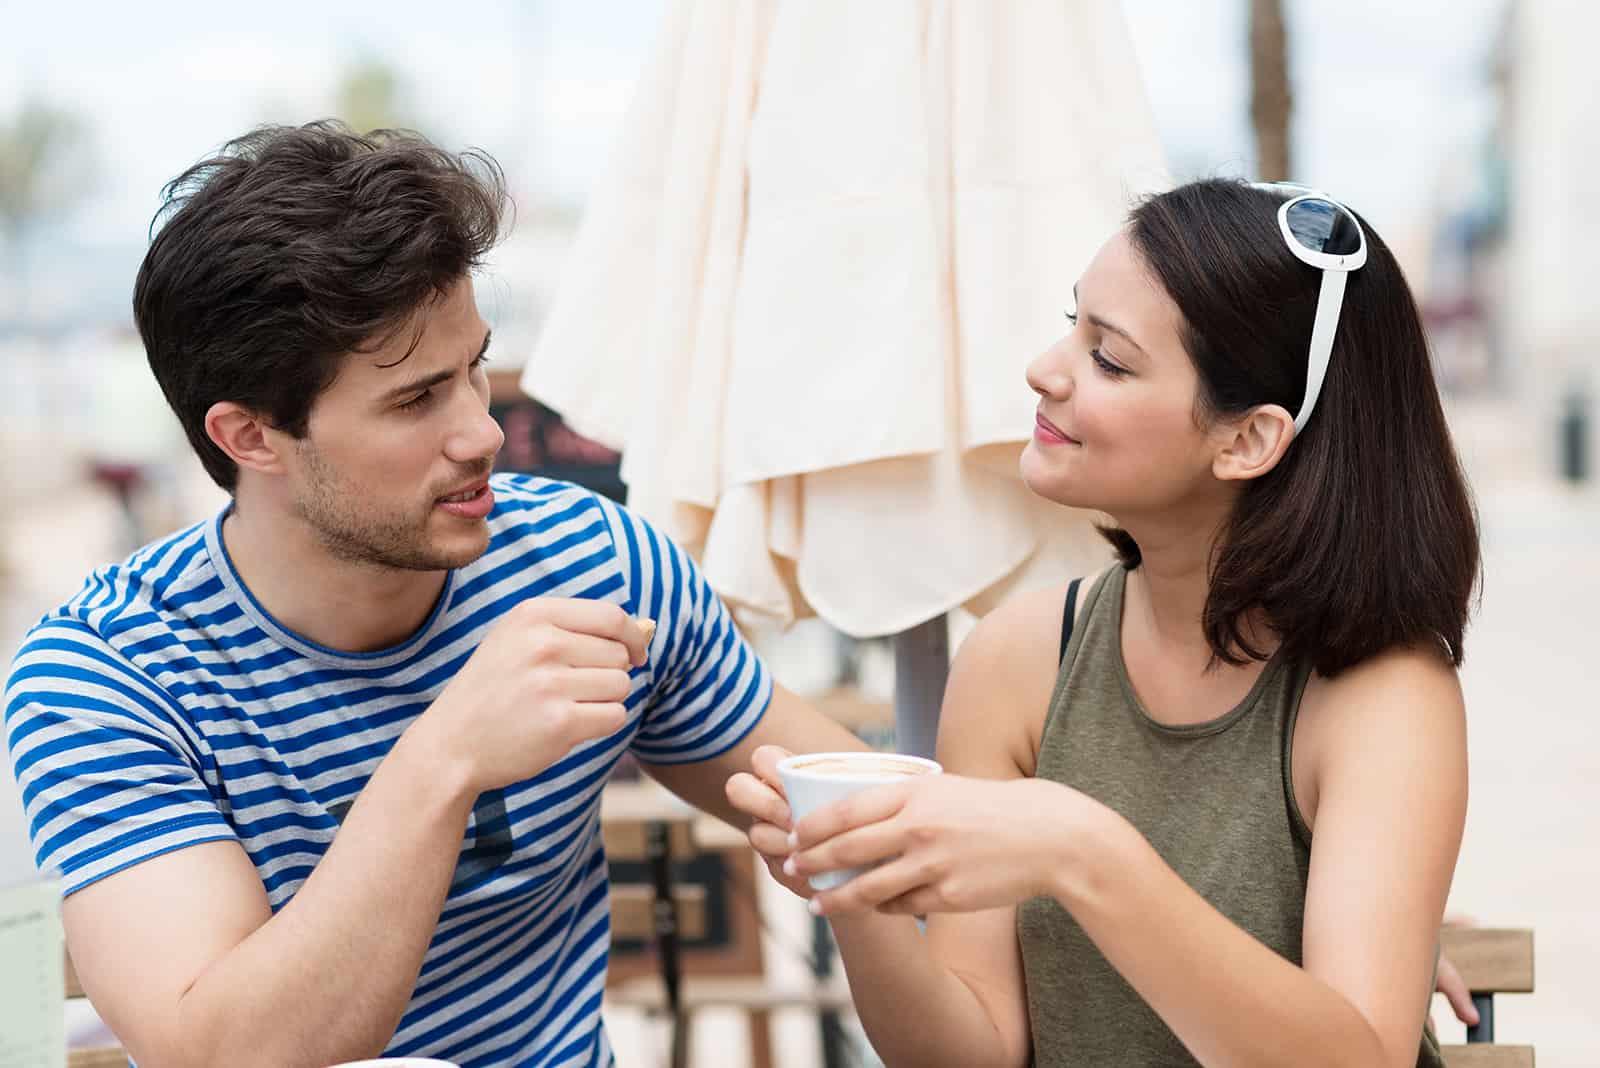 Ein Mann, der während eines Dates mit einer Frau im Café spricht